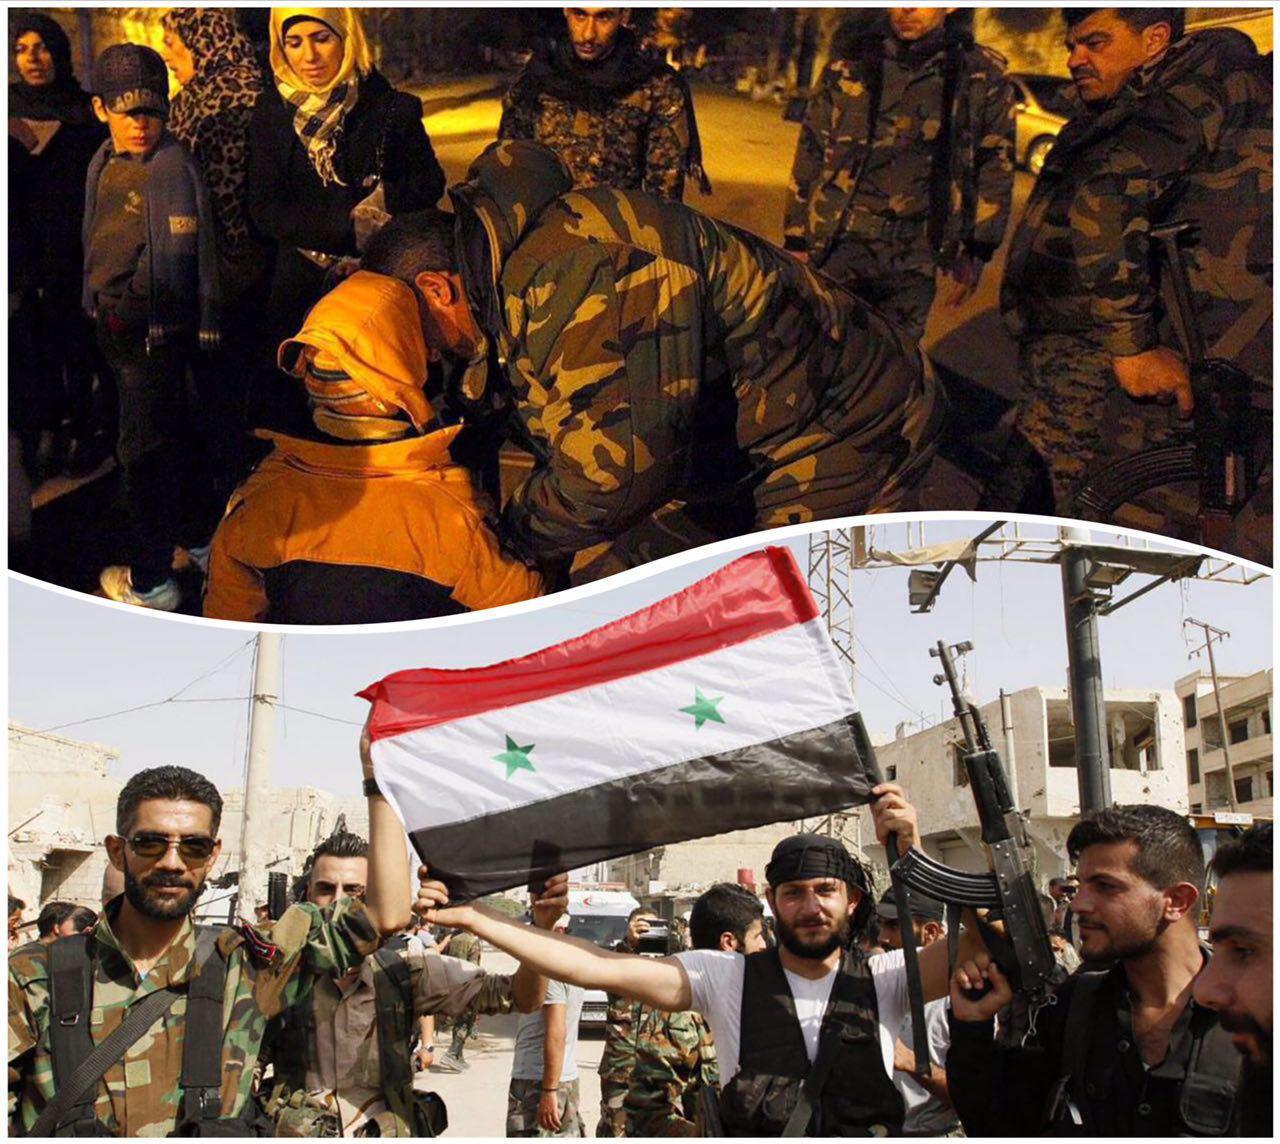 """Photo of الرئيس الأسد لـ""""الوطن"""": المصالحات حل حقيقي وعملي.. فيه سلبيات وإيجابيات"""